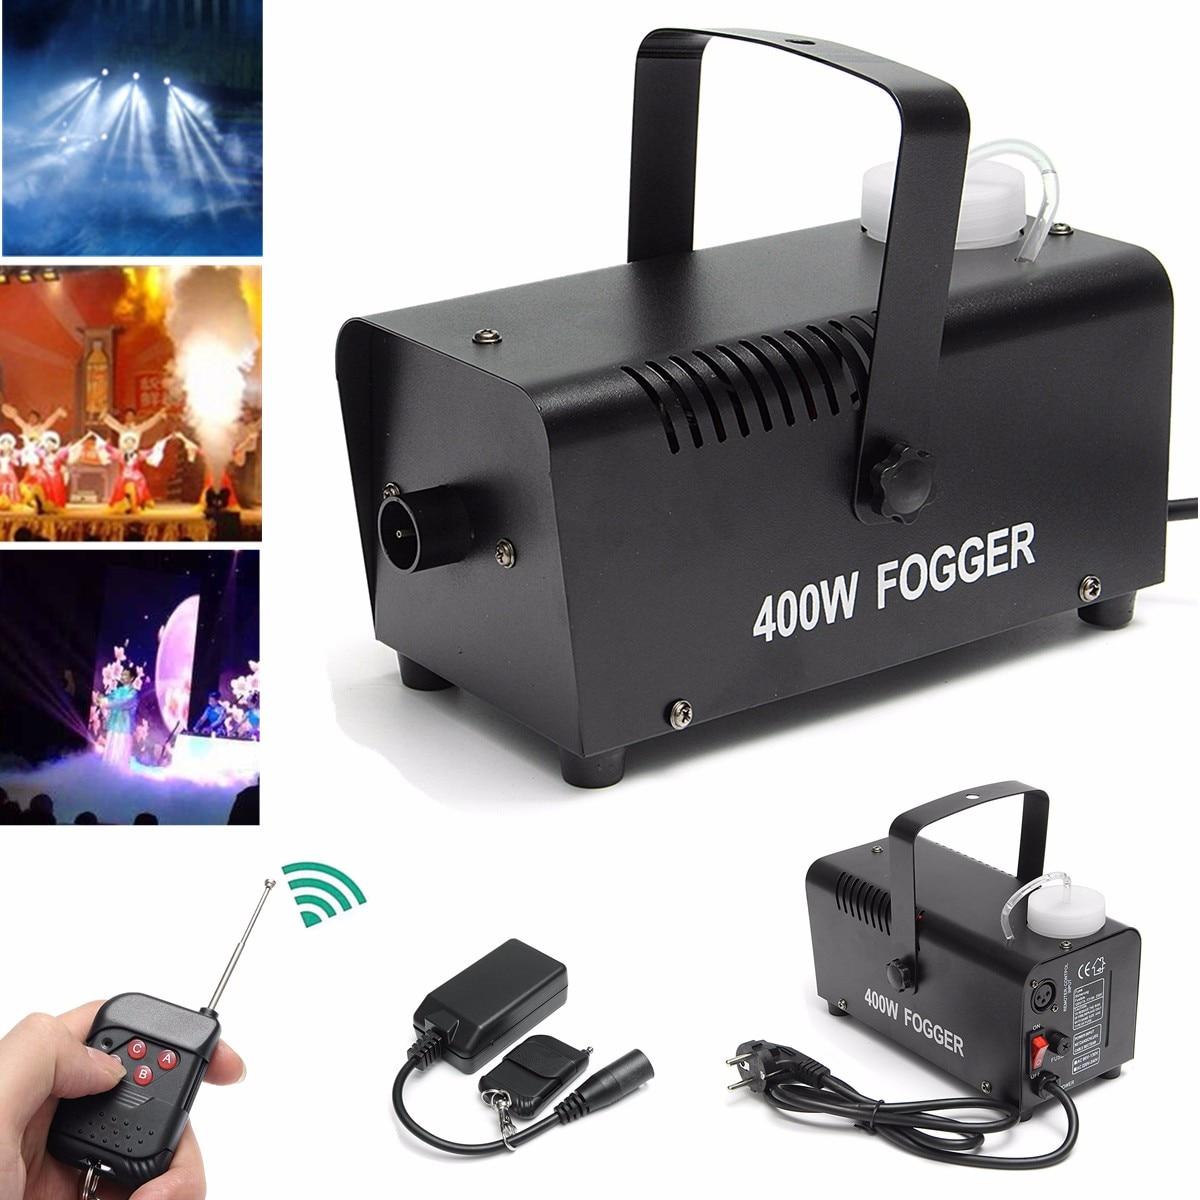 Mini LED RGB Senza Fili 400W Nebbia di Fumo Nebbia Macchina di Effetto Della Discoteca del DJ Della Festa Di Natale con Telecomando LED di Controllo fogger